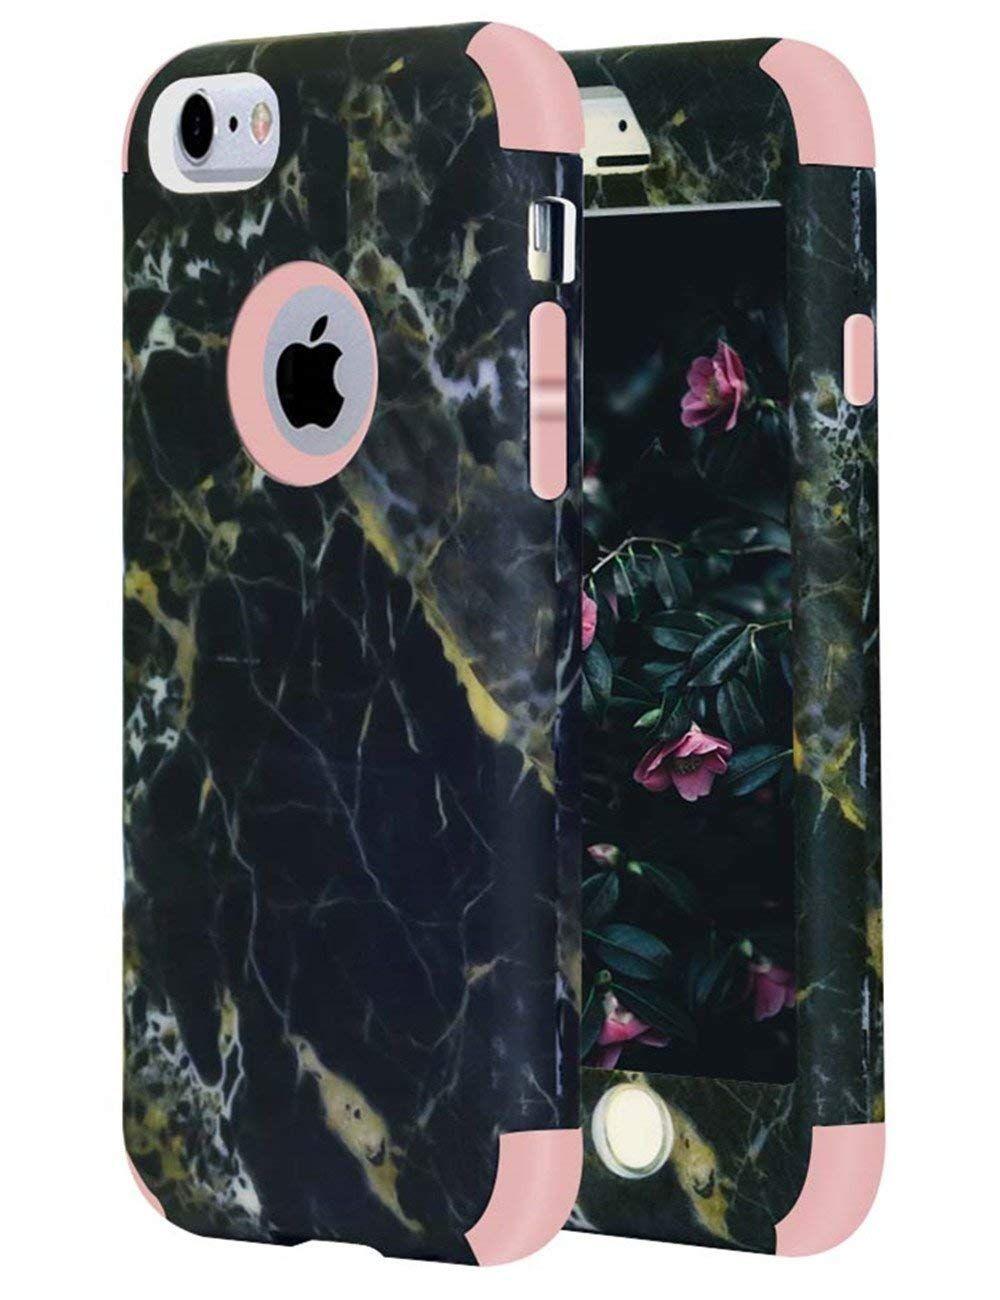 Amazon Com Iphone 8 Plus Case Iphone 7 Plus Case Maxdara Screen Protector Glitter Liquid Protective Bumper Iphone 8 Plus Iphone 7 Plus Iphone 7 Plus Cases